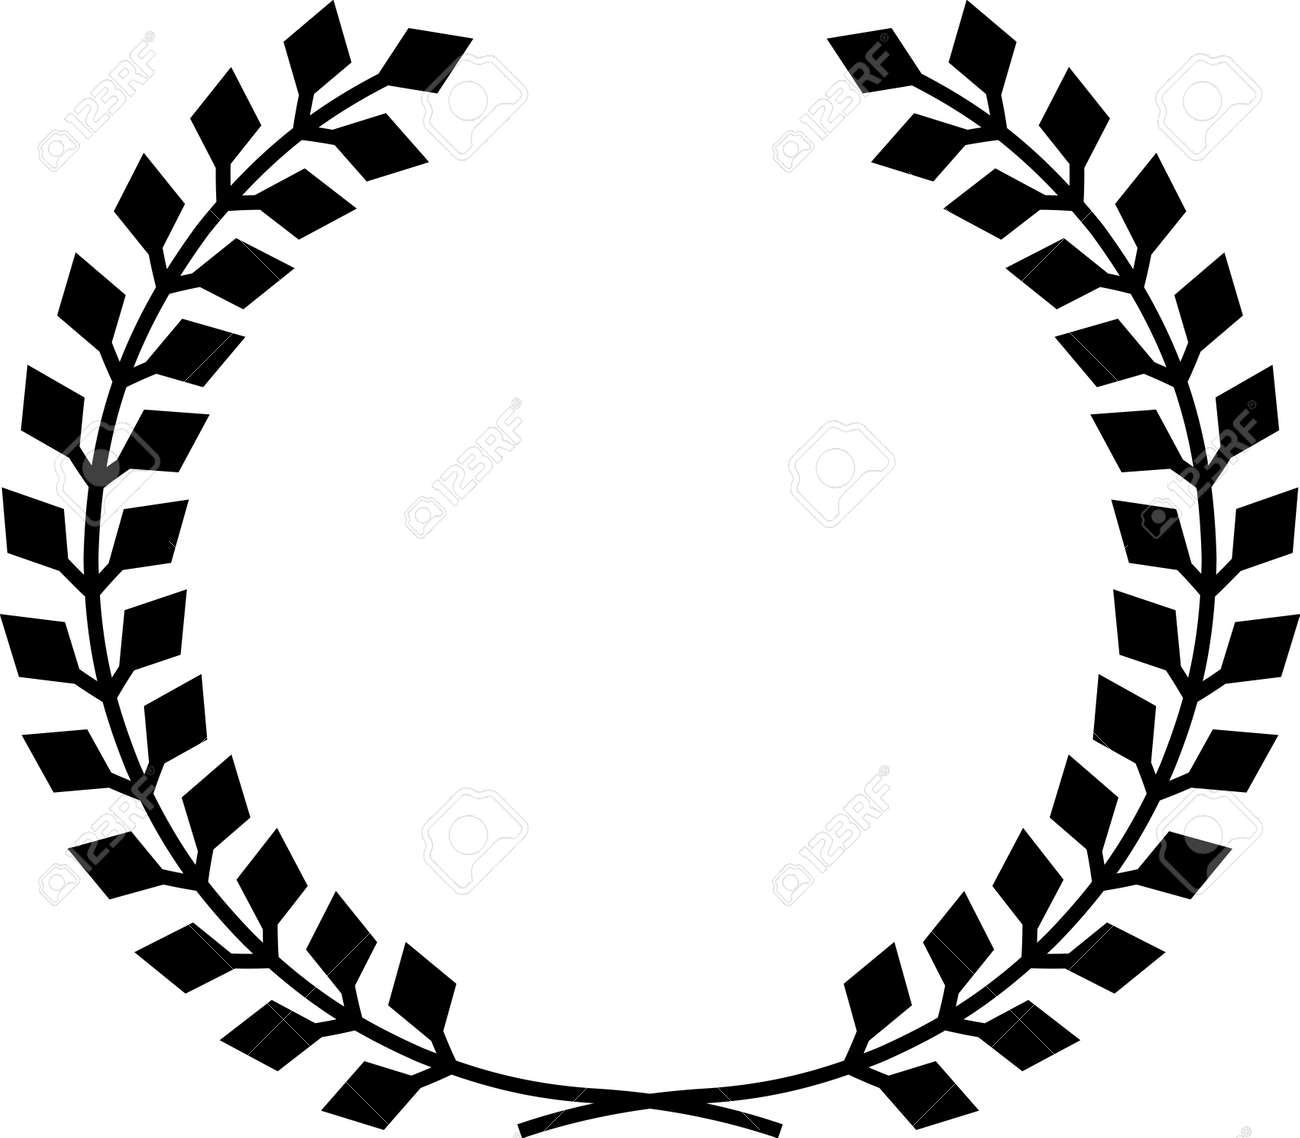 laurel wreath vector royalty free cliparts vectors and stock rh 123rf com laurel wreath vector art laurel wreath vector free